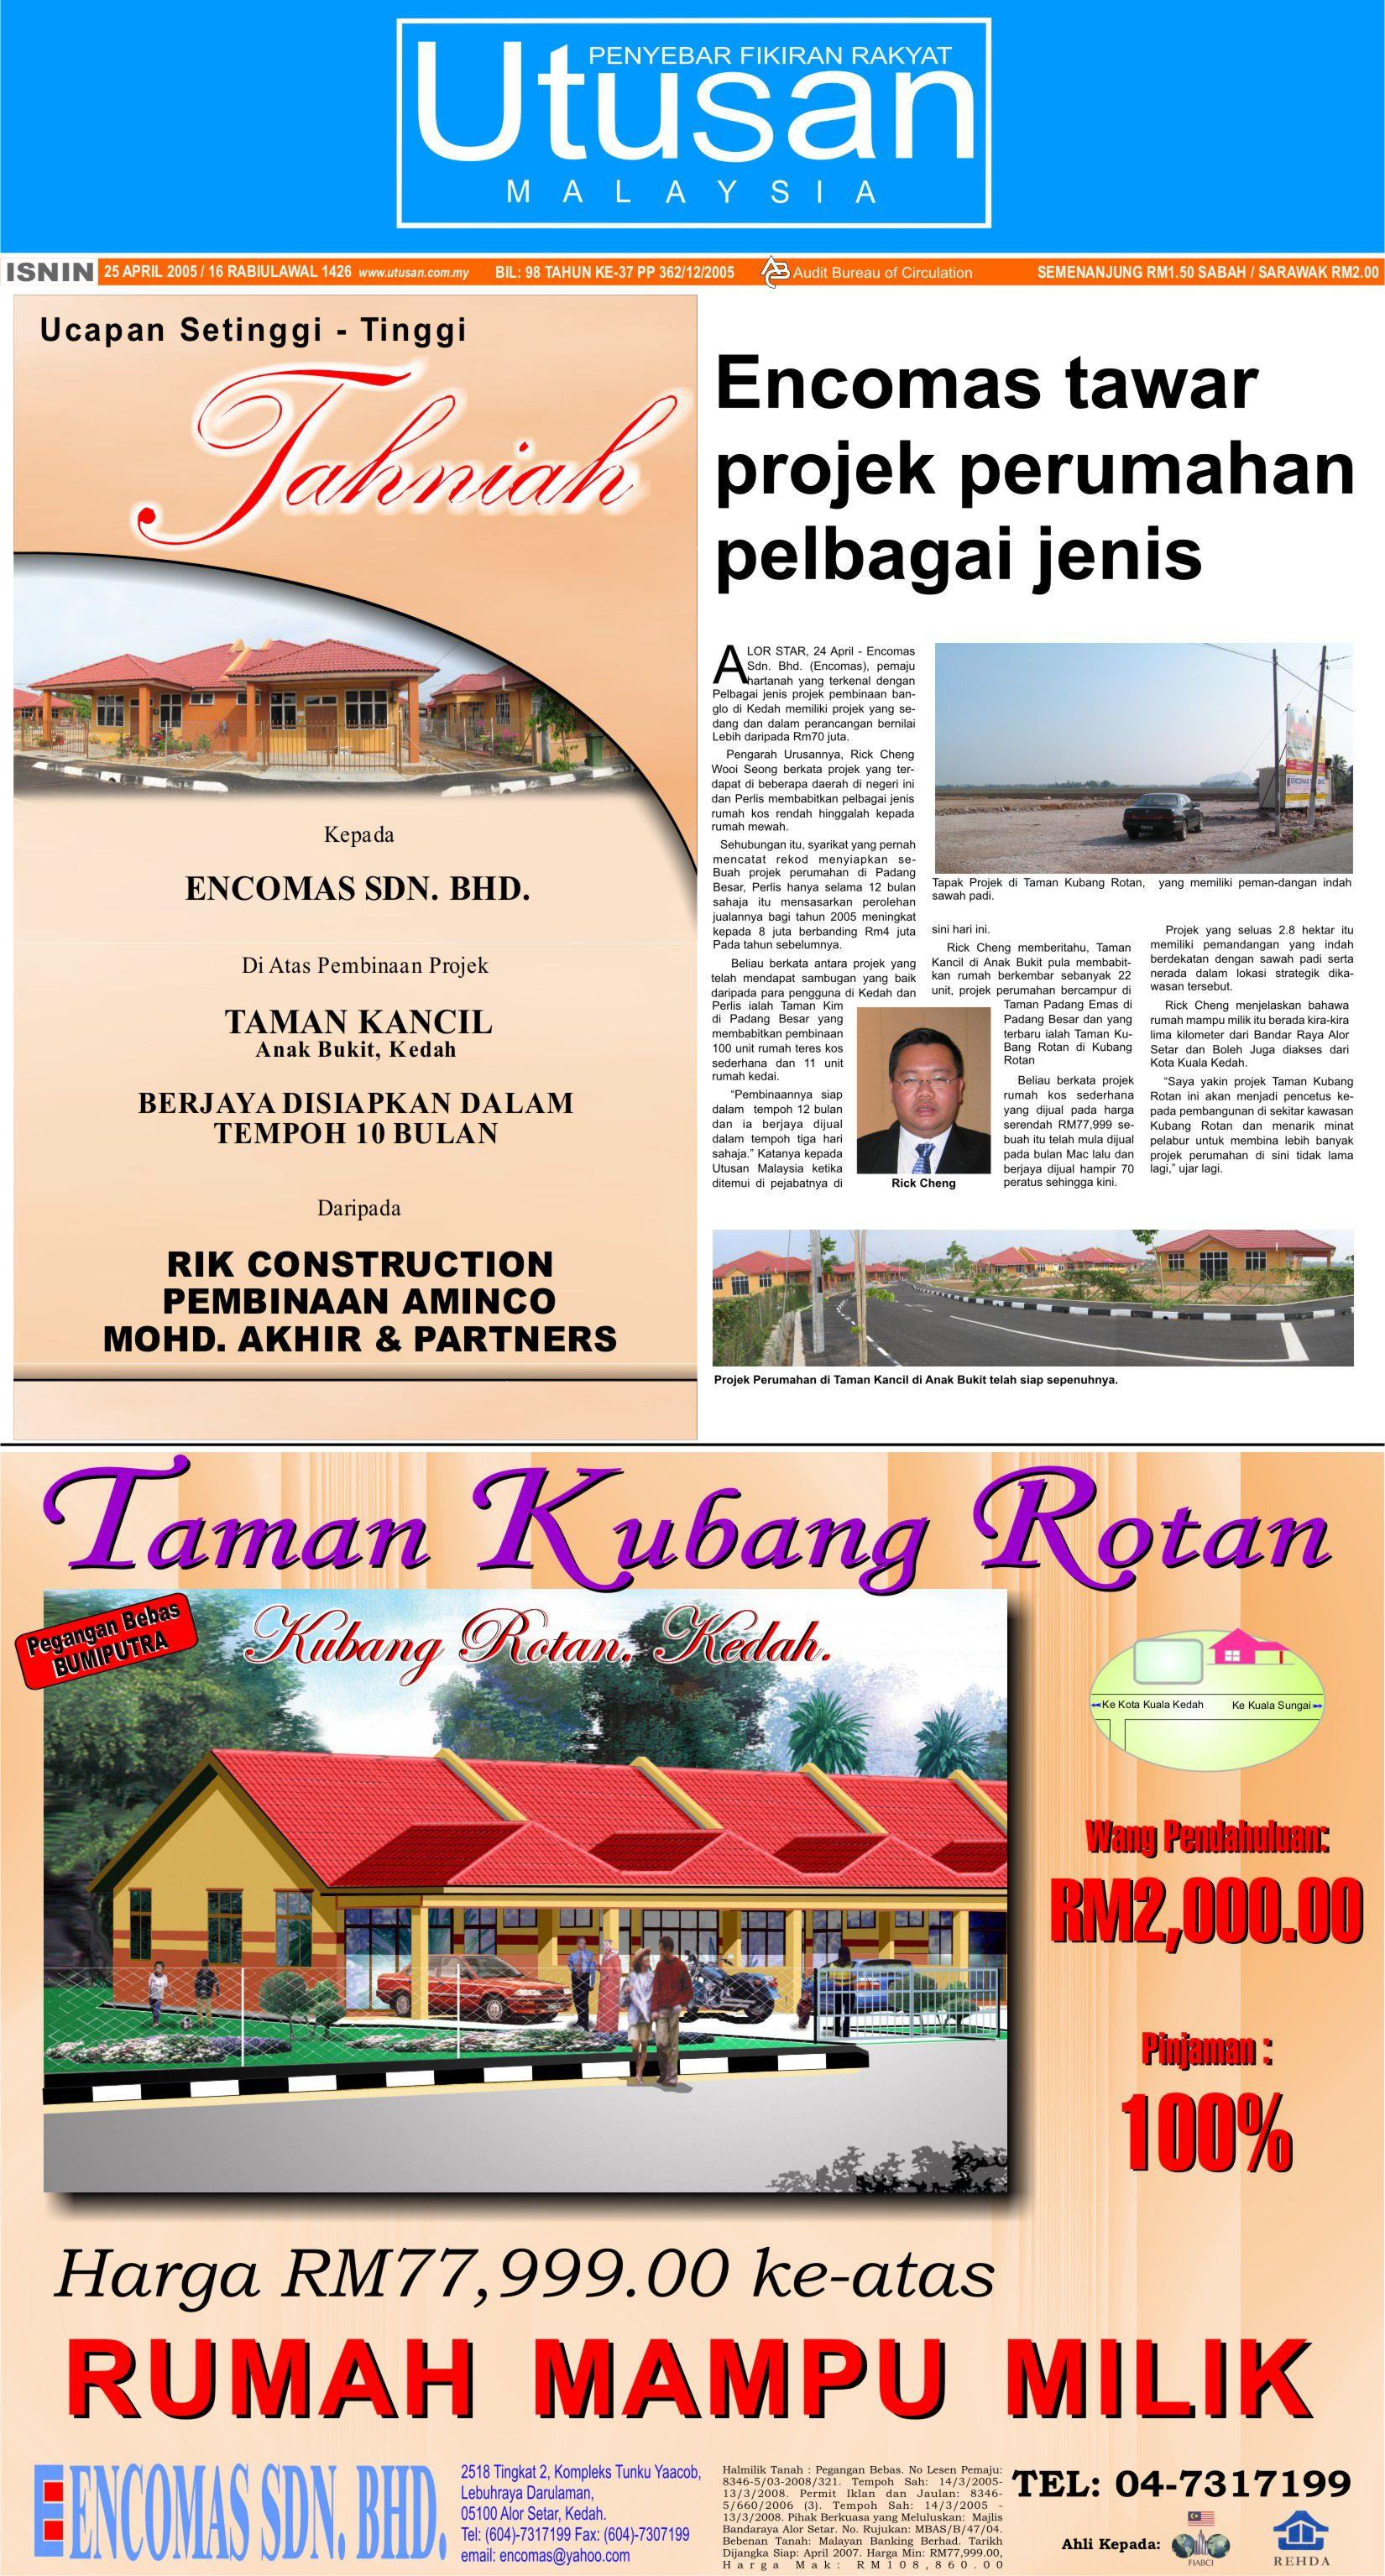 2005_04_25 Utusan - Launching New Project at Kubang Rotan Full Page